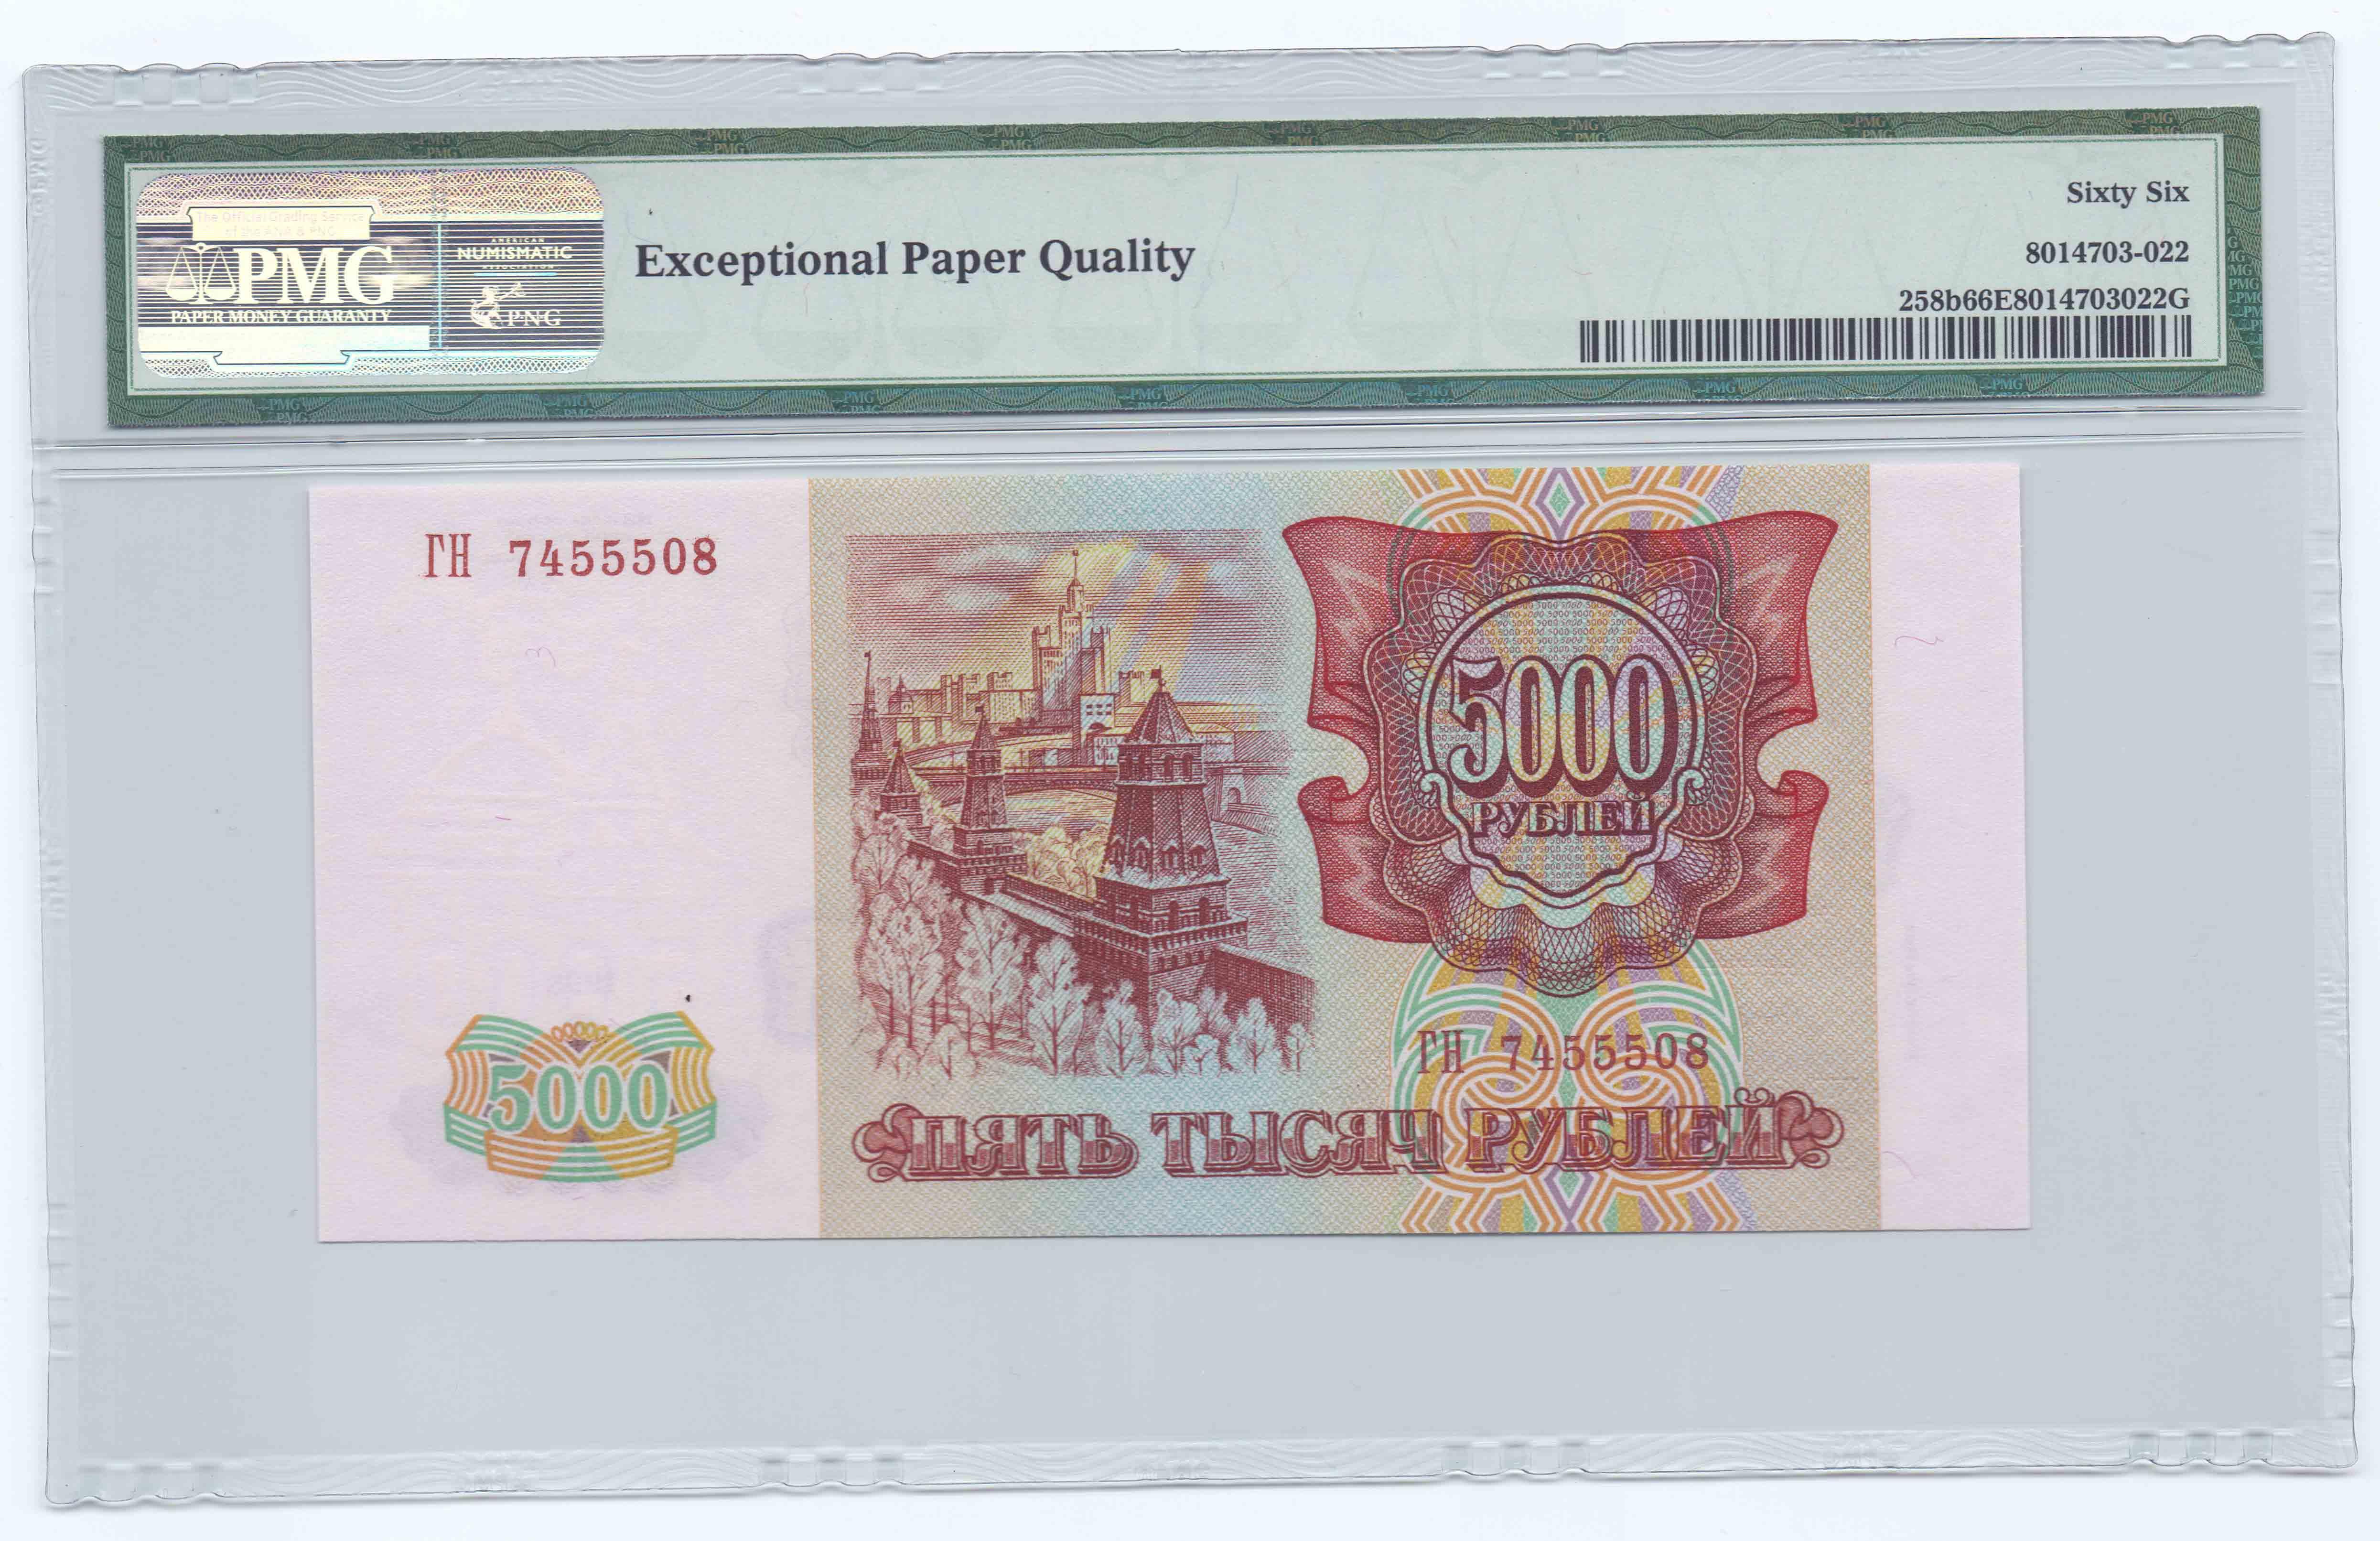 5 000 рублей 1993 г. ГН 7455508 PMG. 66 EPQ. Pick.258b  #Б001-007